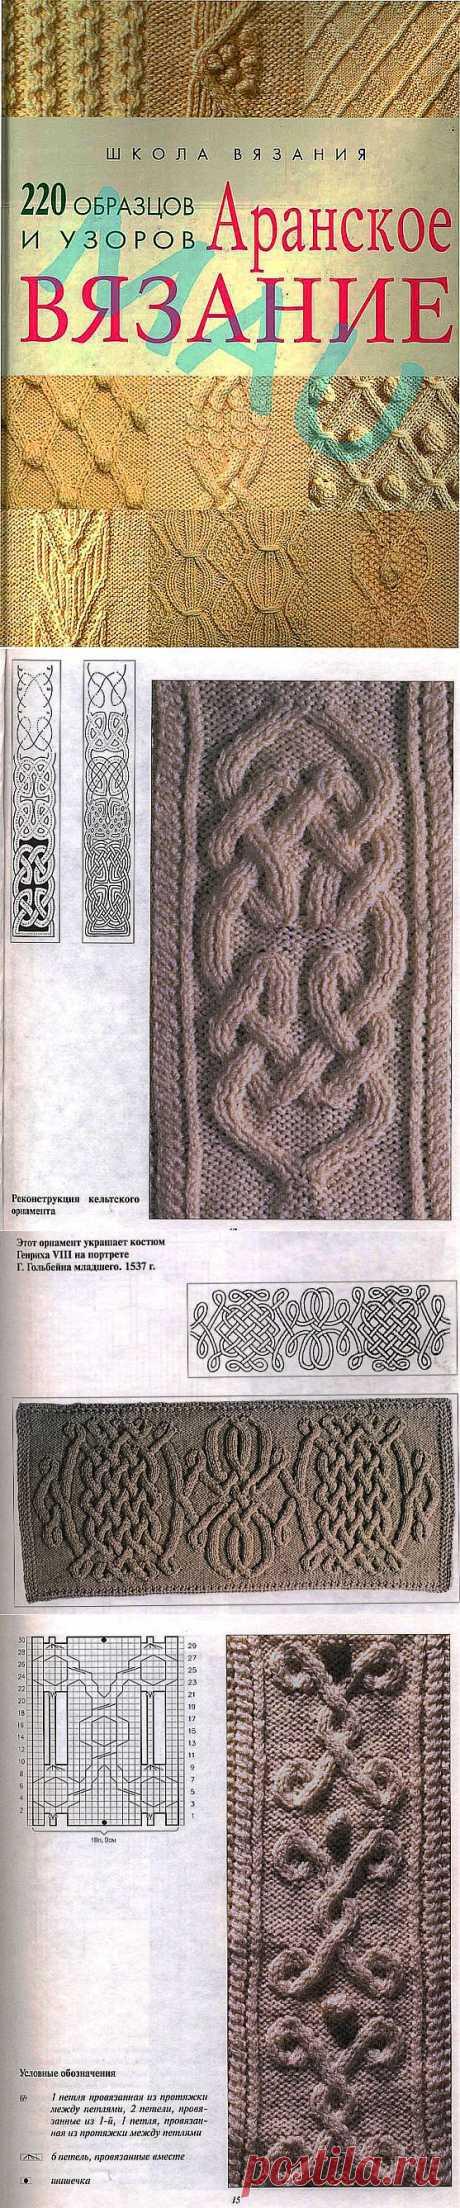 """""""Аранское вязание"""" - Konniia - Photo.Qip.ru / id: vax"""